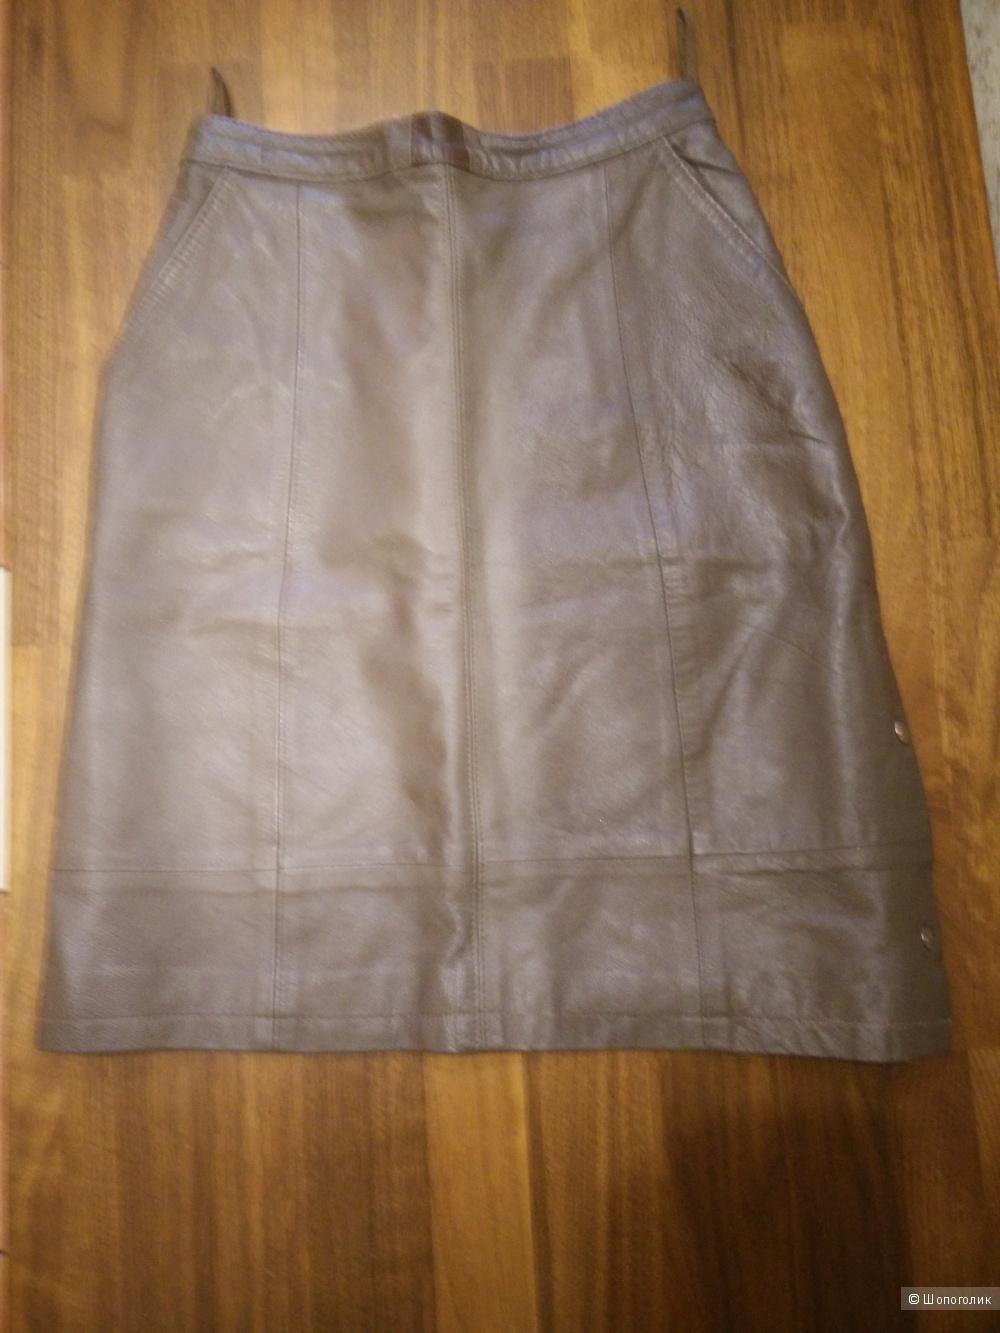 Кожаная юбка, размер с